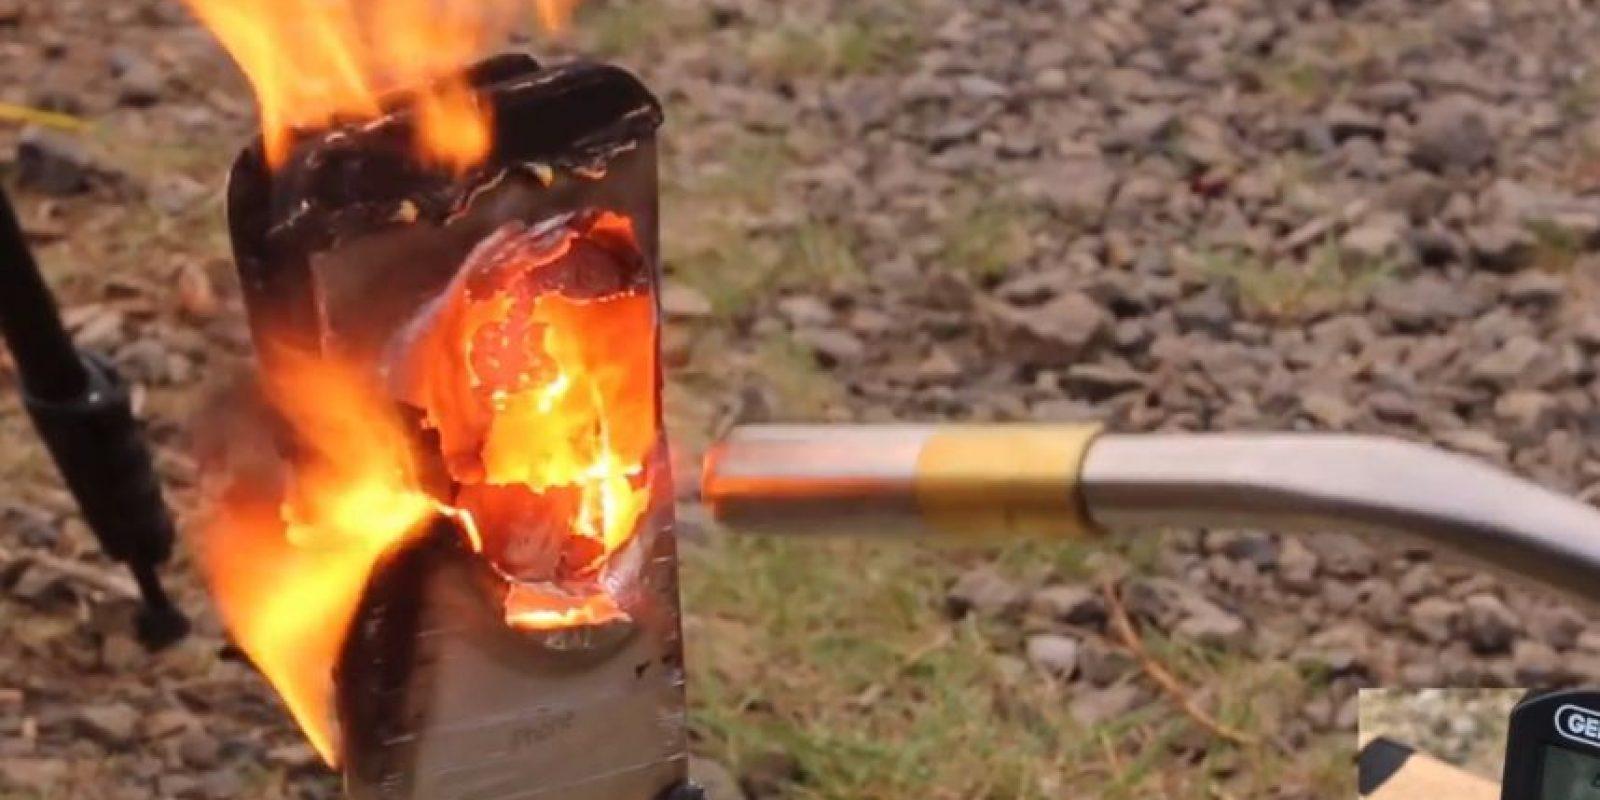 Aparece un hoyo en donde se ejerce más fuego. Foto:EverythingApplePro